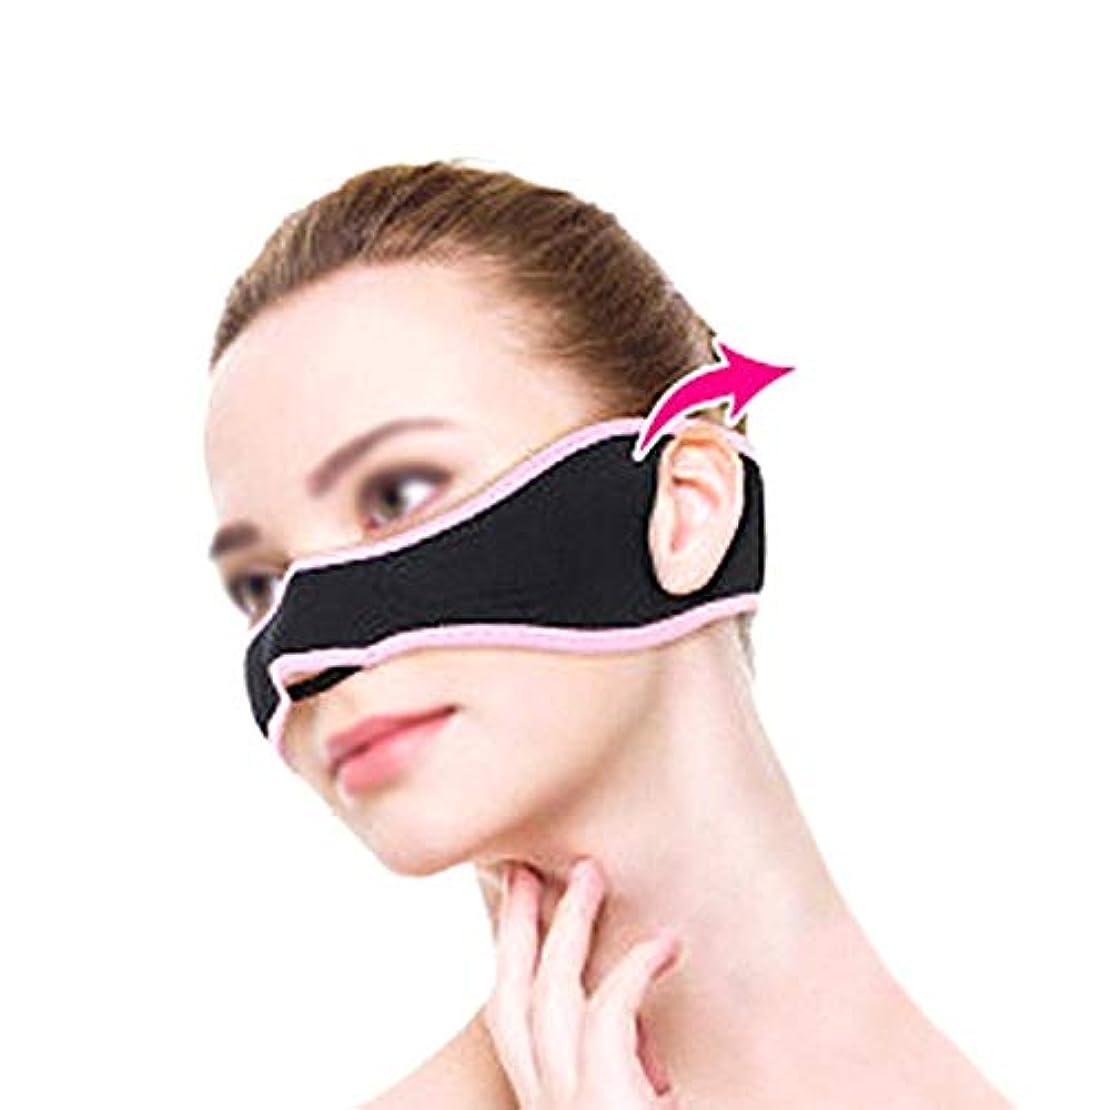 意外男やもめカールXHLMRMJ フェイスリフティングマスク、チークリフトアップマスク、薄くて薄い顔、顔の筋肉を引き締めて持ち上げ、持ち運びが簡単で、男性と女性の両方が使用できます